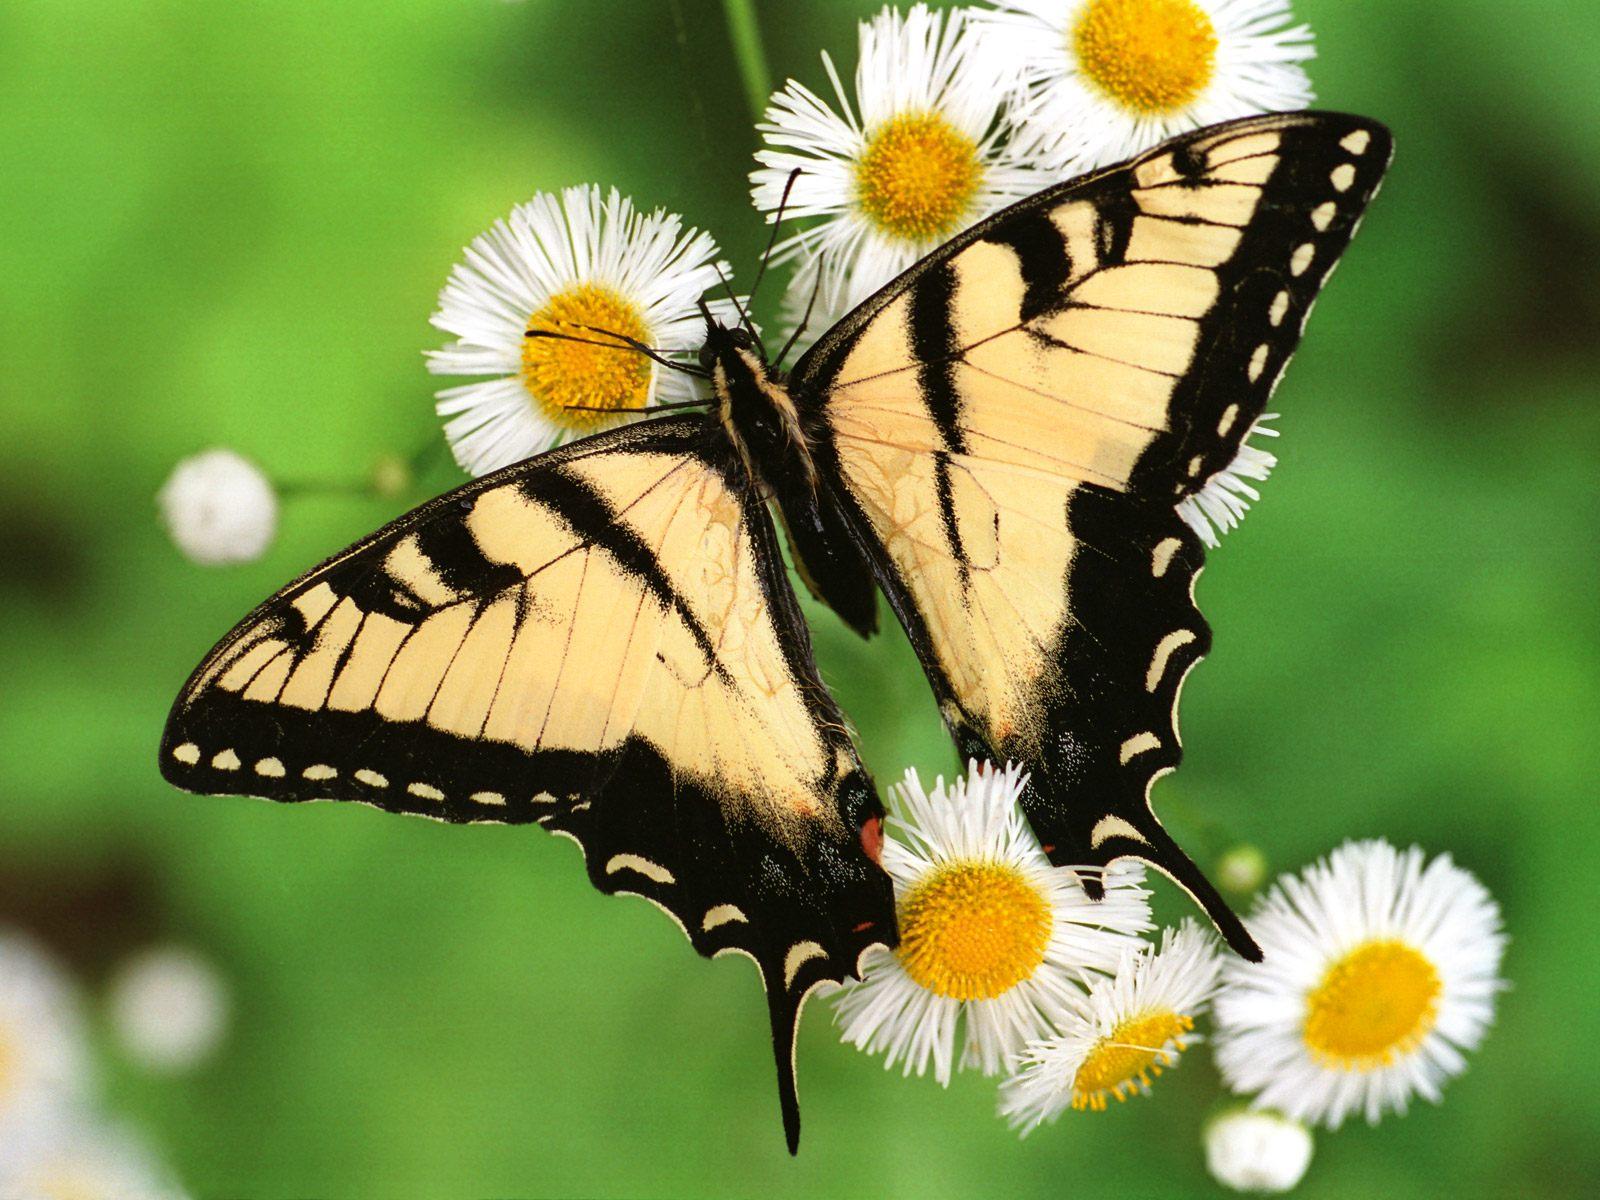 超清晰蝴蝶墙纸